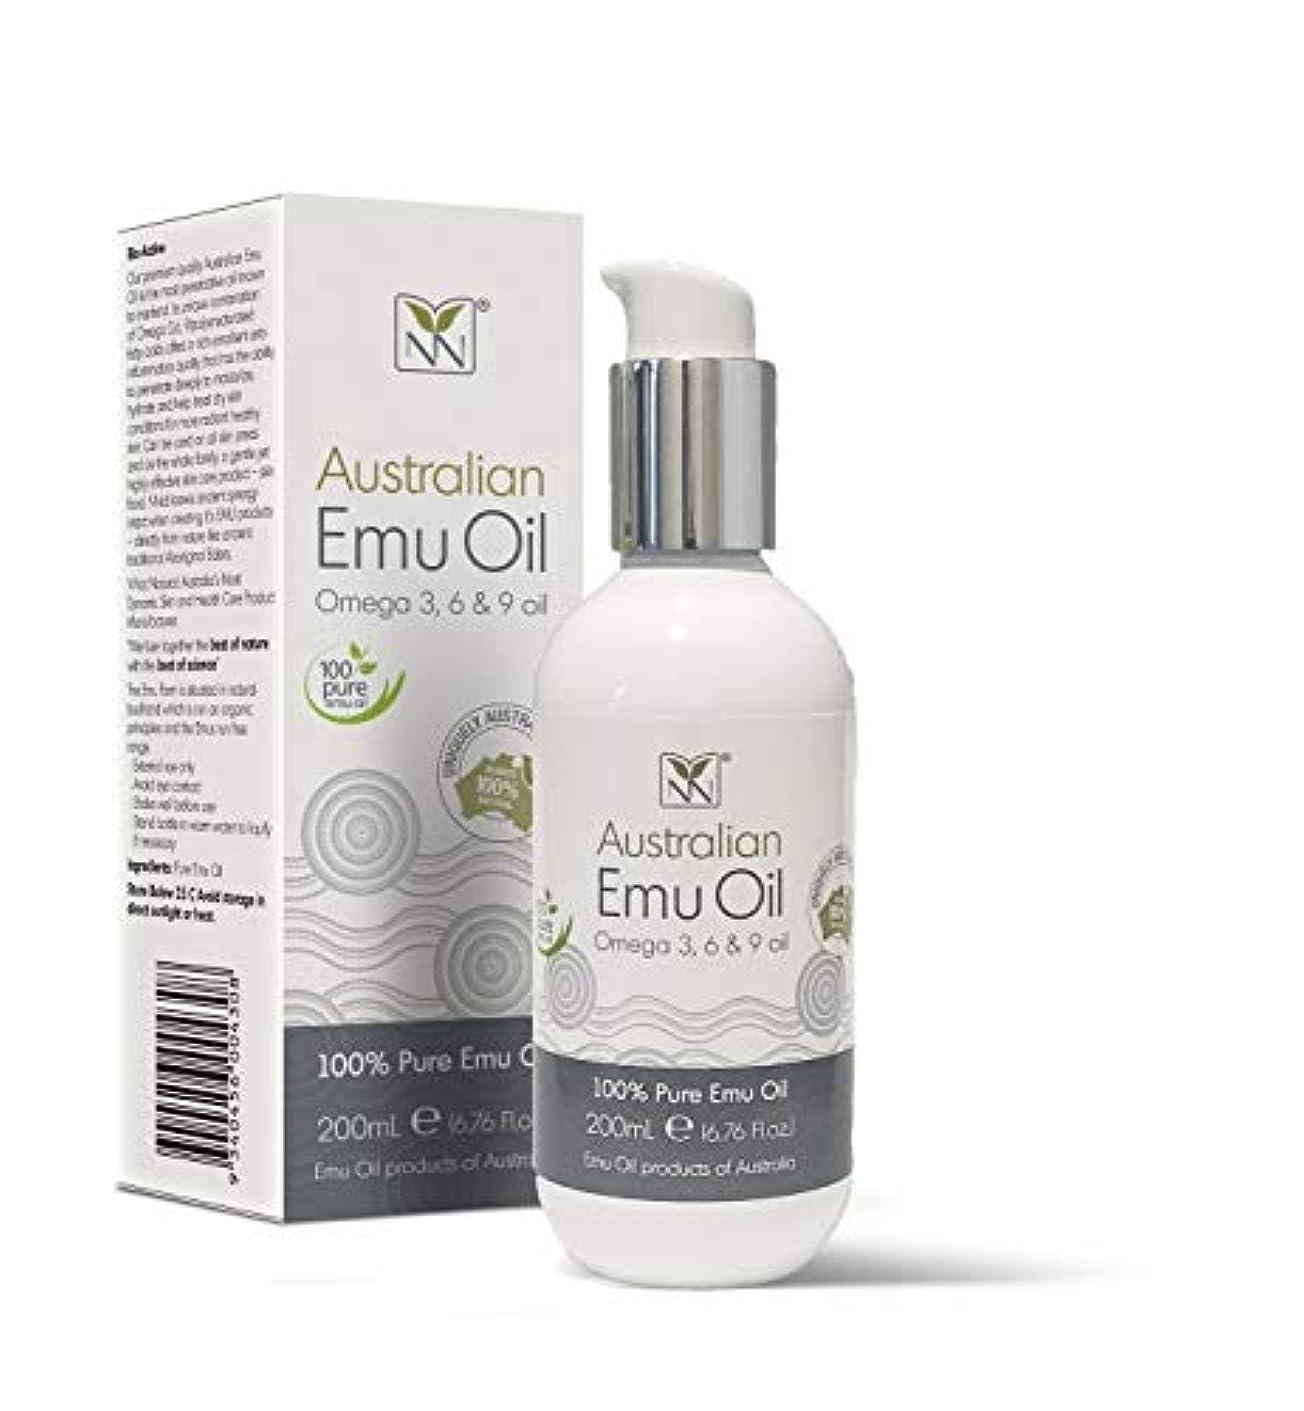 神の強化証書Y Not Natural エミューオイル EMU OIL 無添加100% 保湿性 浸透性 抜群 プレミアム品質 エミュー油 (200 ml)